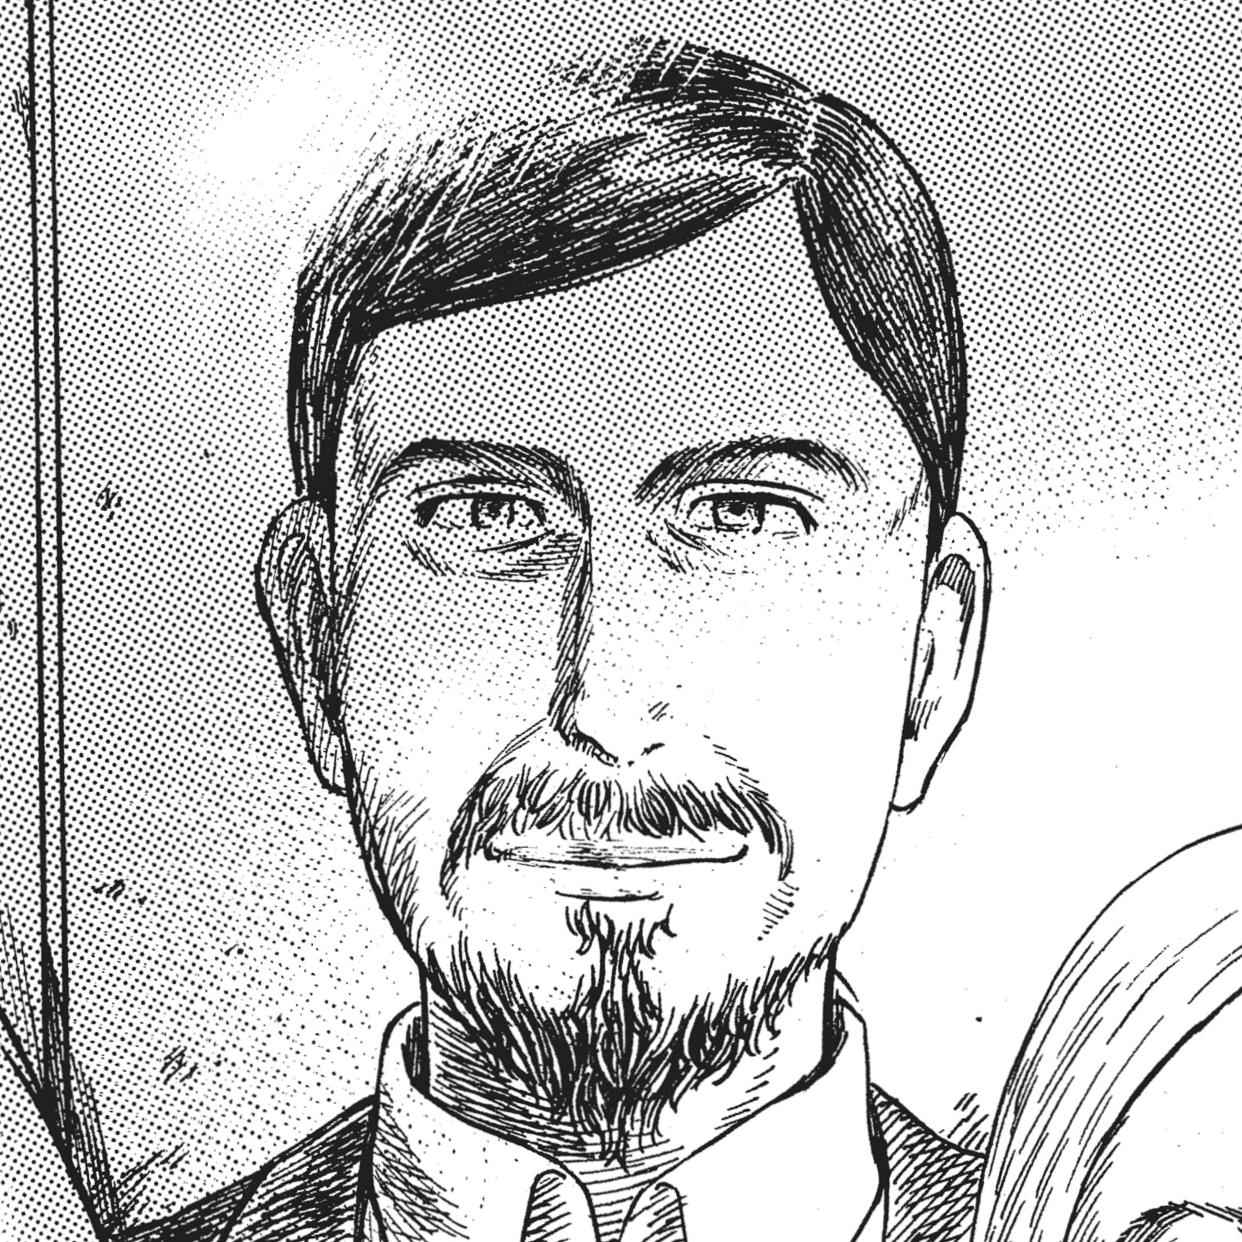 Mr. Springer